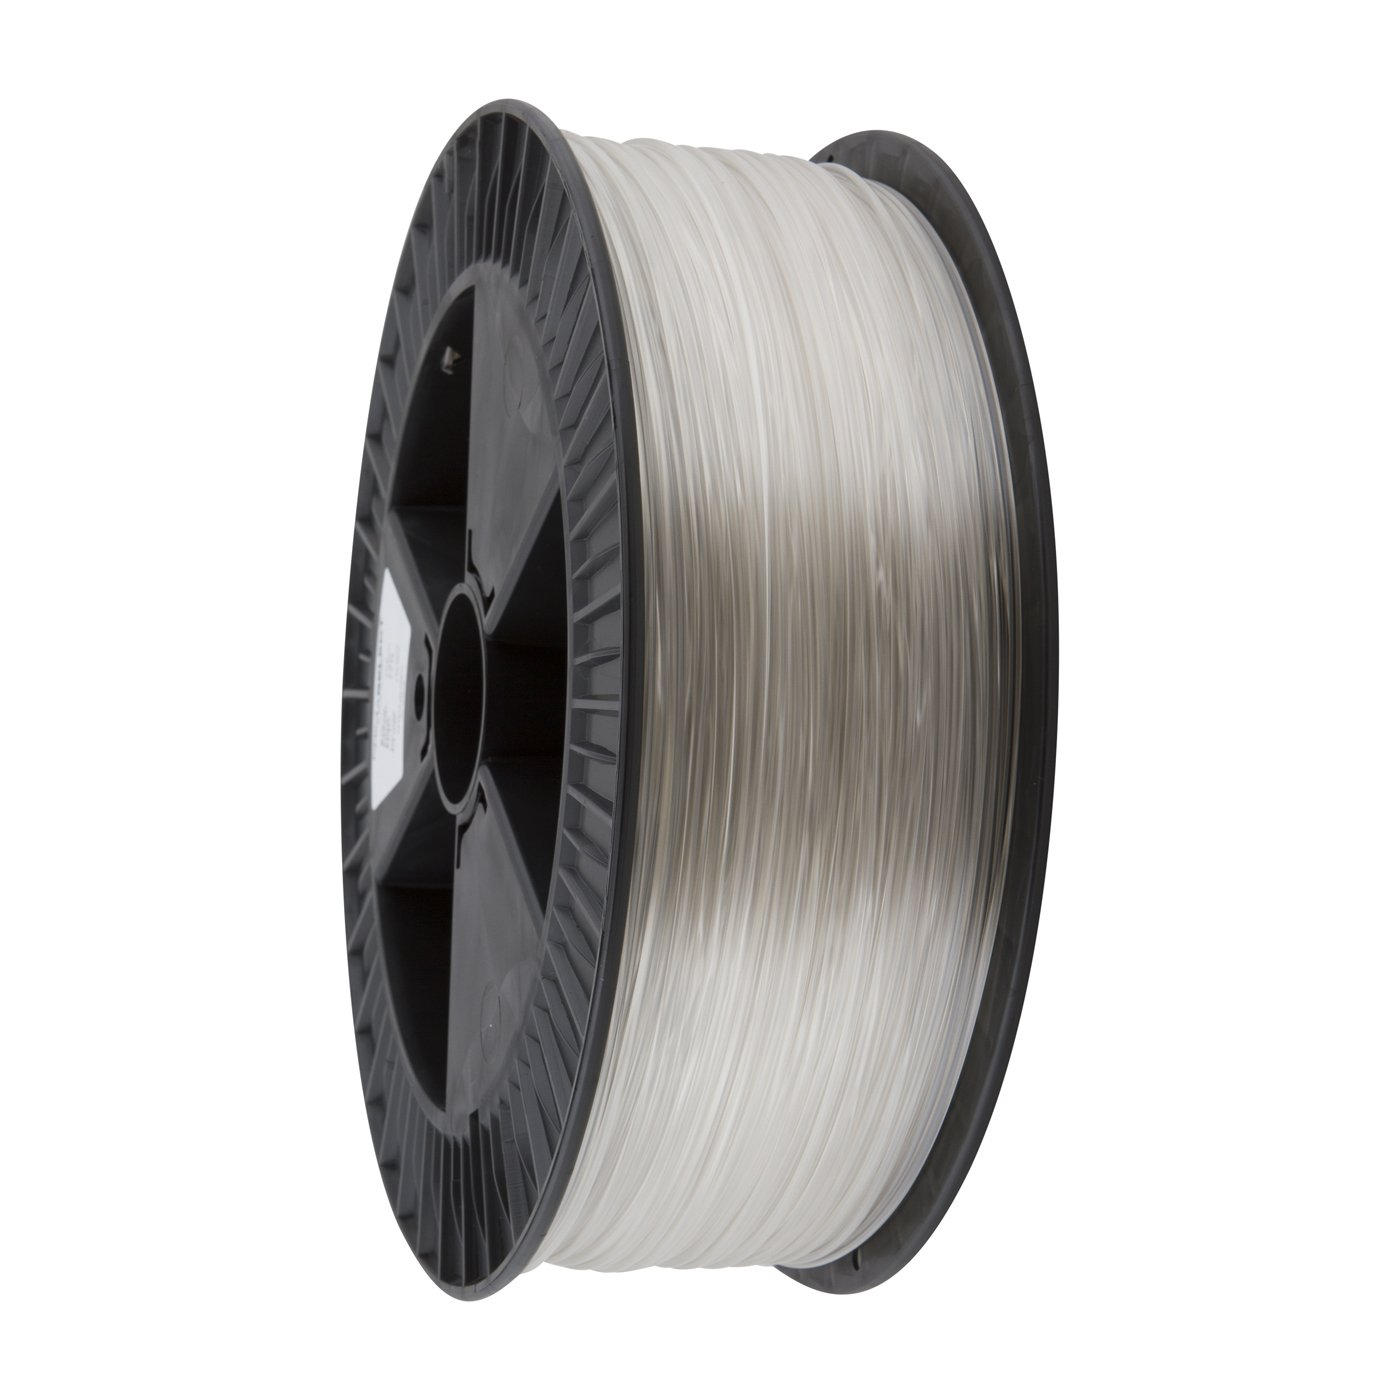 PrimaSelect PETG Filamenti, 1.75 mm, 2.3 kg, Chiaro Prima Filaments 22124